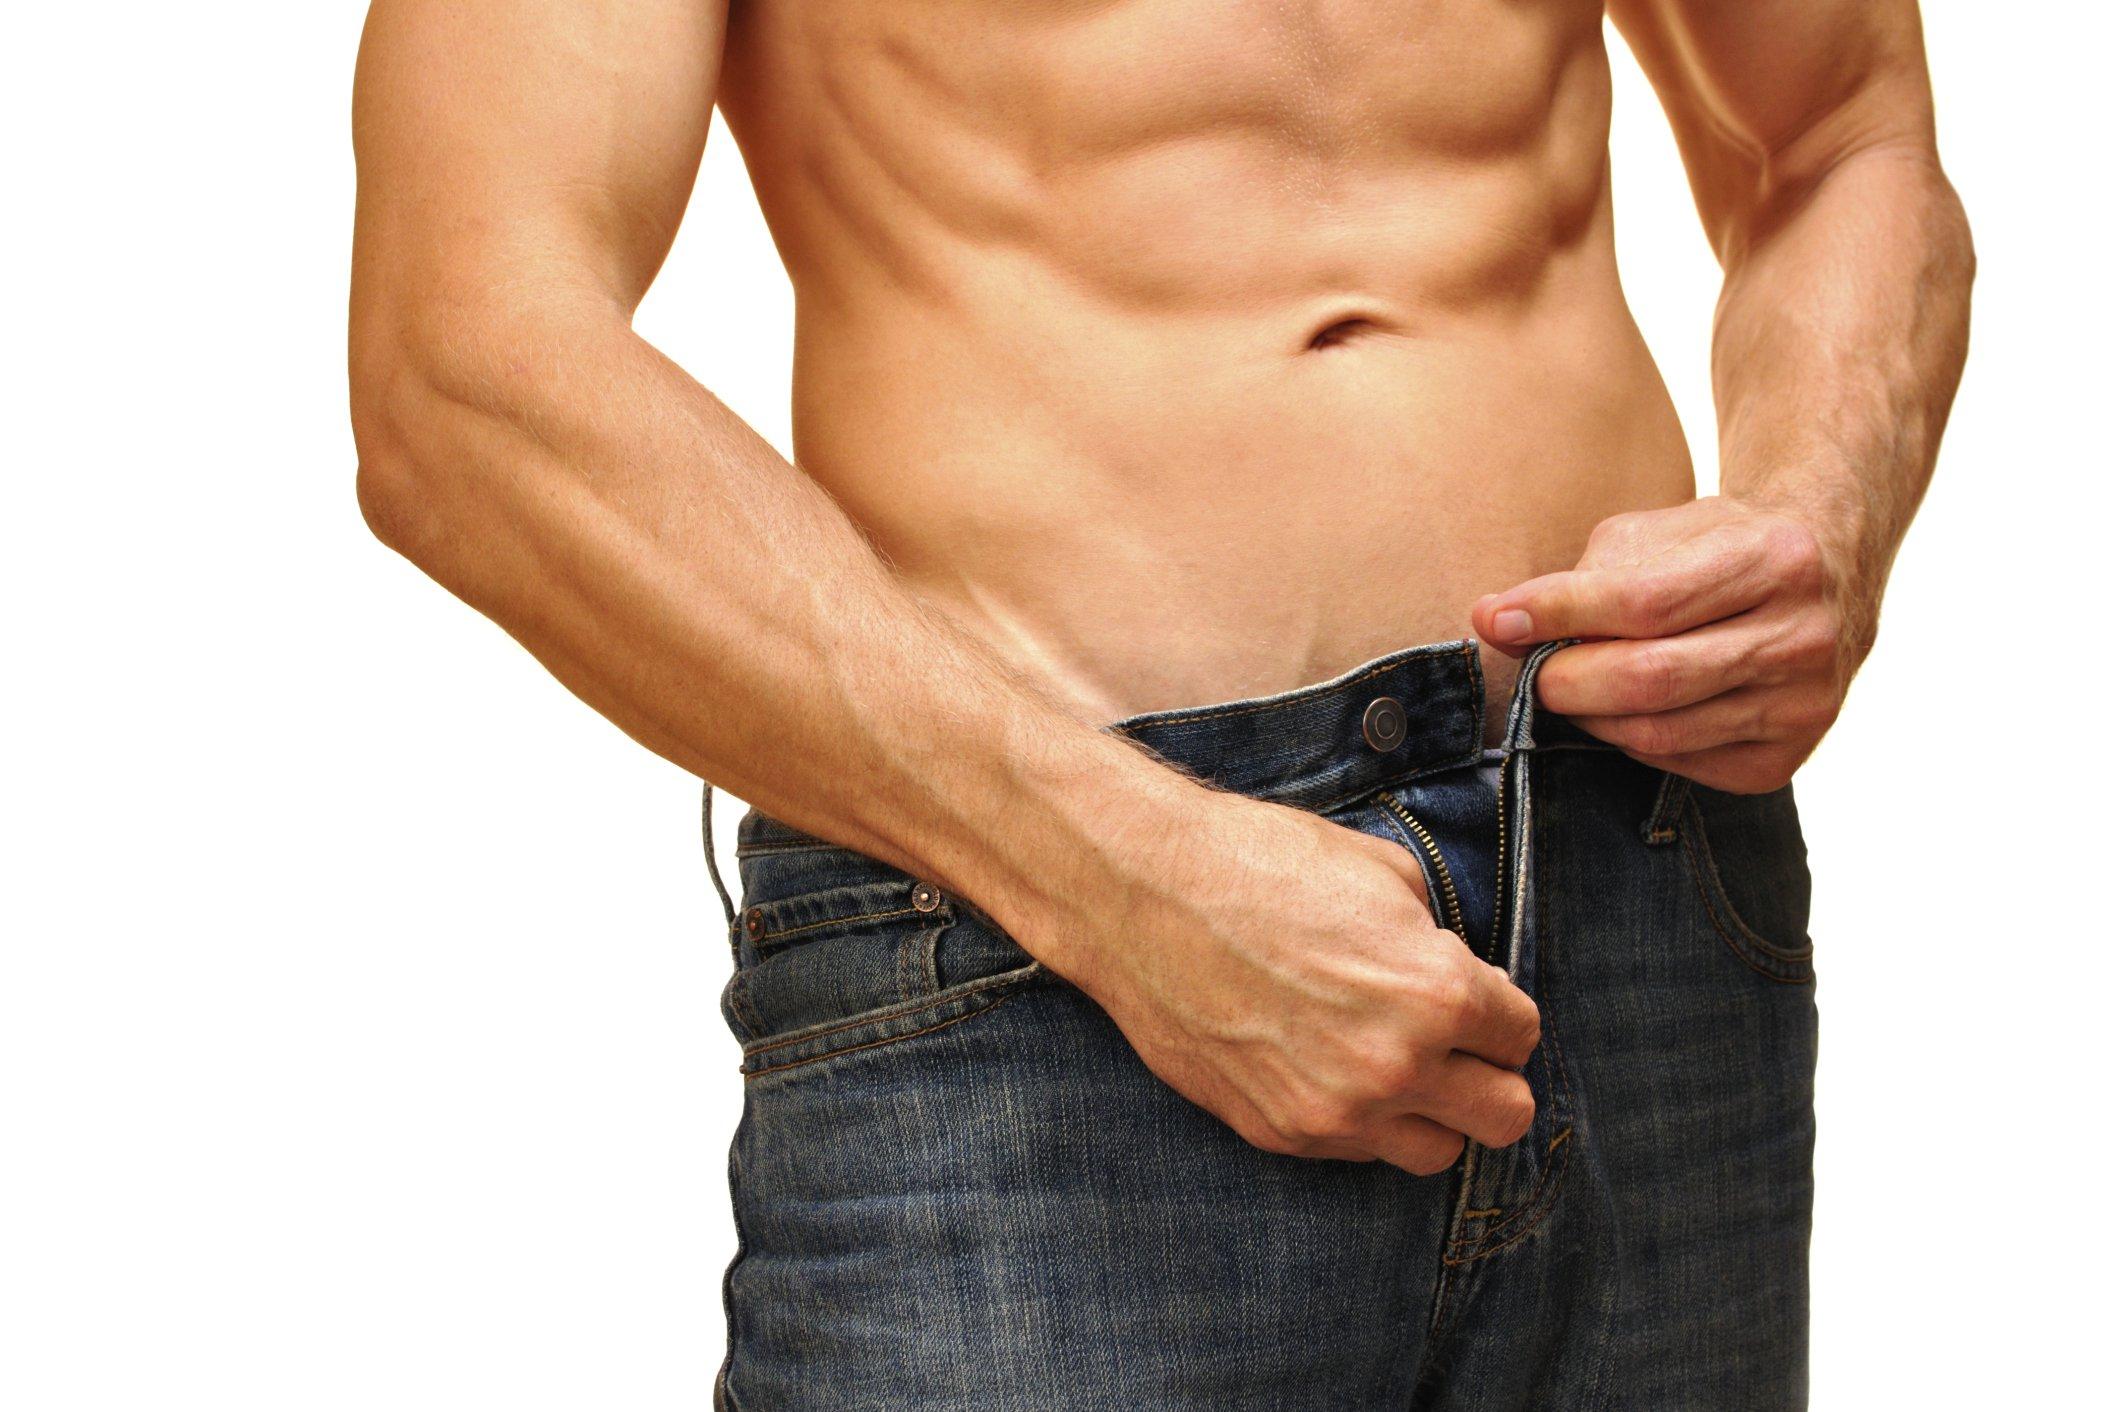 mit kell tenni, ami erekció volt a nőnek fontos a pénisz mérete